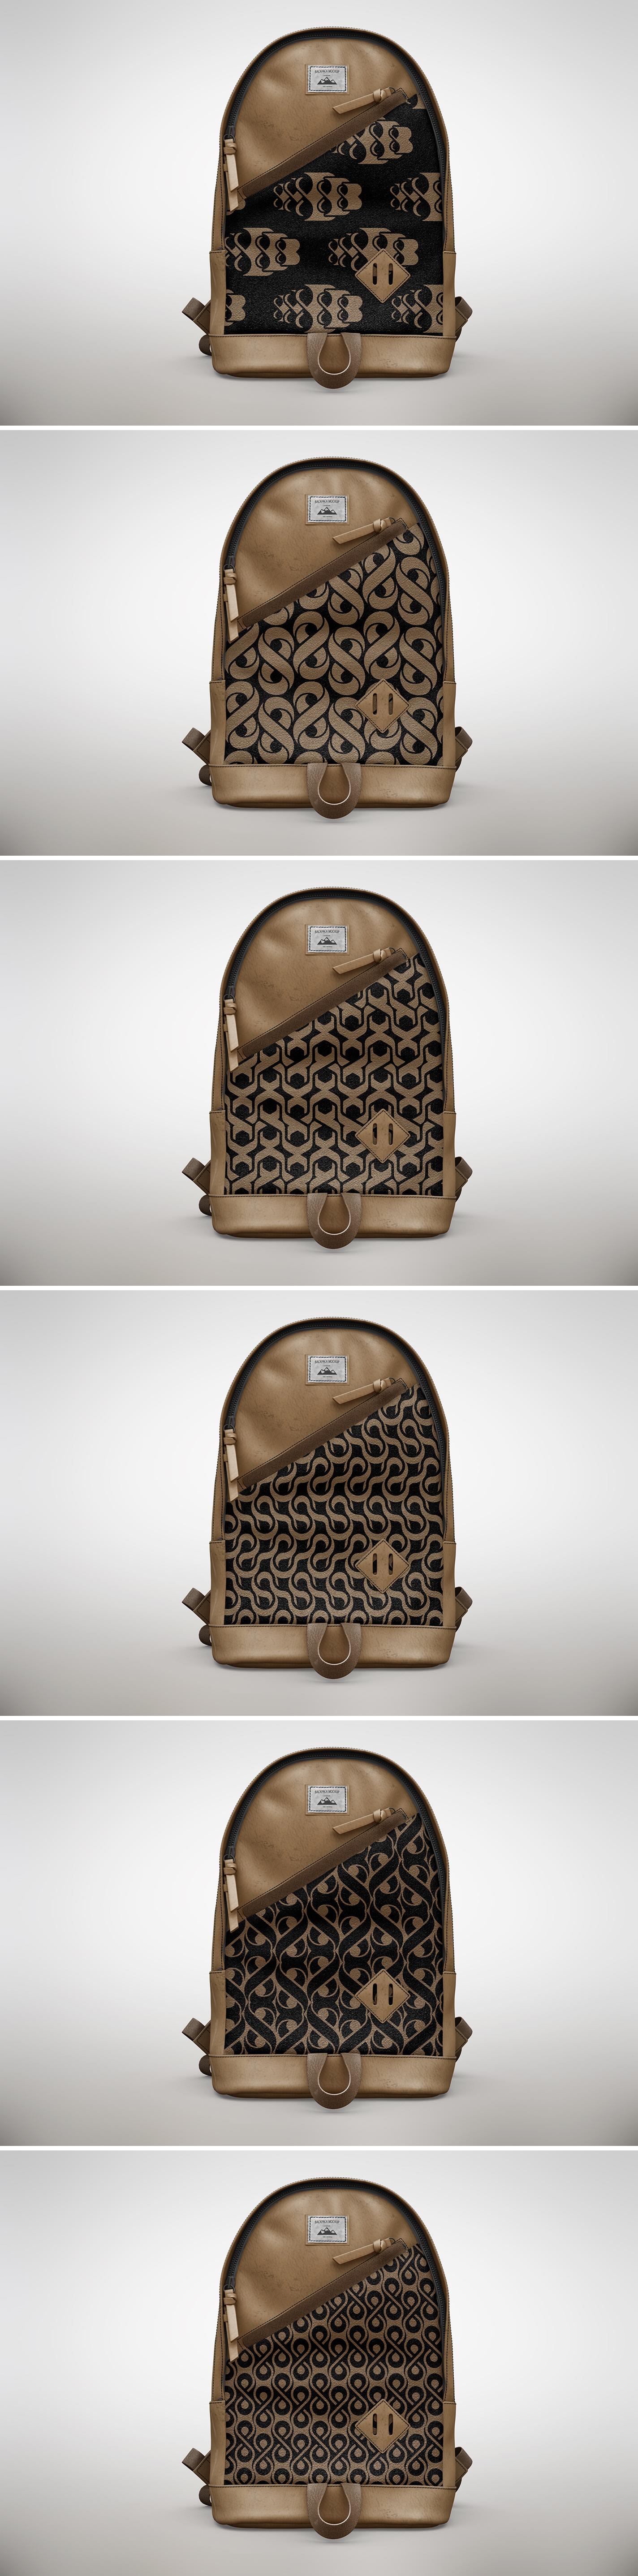 Конкурс на создание оригинального принта для рюкзаков фото f_7145f8713414debc.jpg